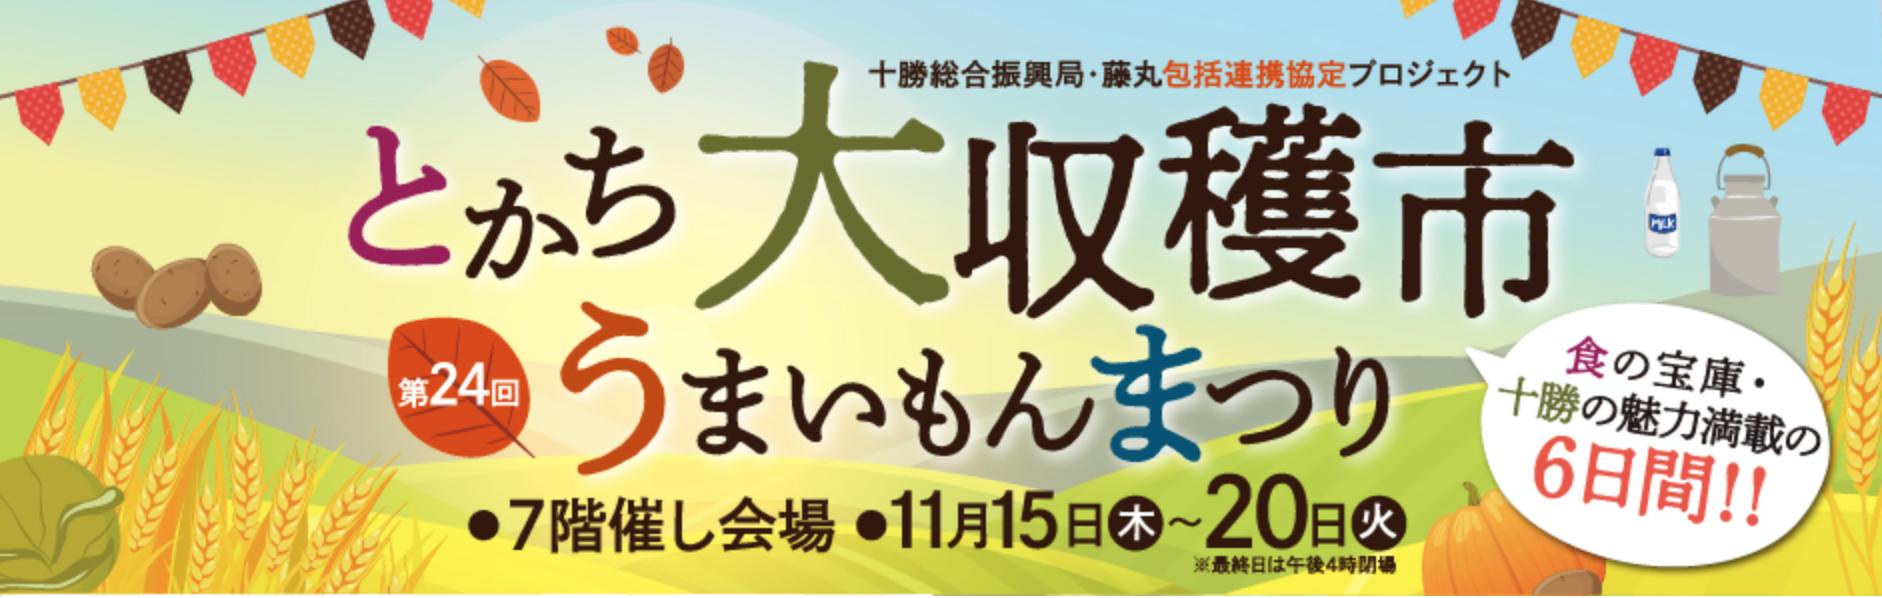 【催事】とかち大収穫市うまいもんまつり(藤丸百貨店)